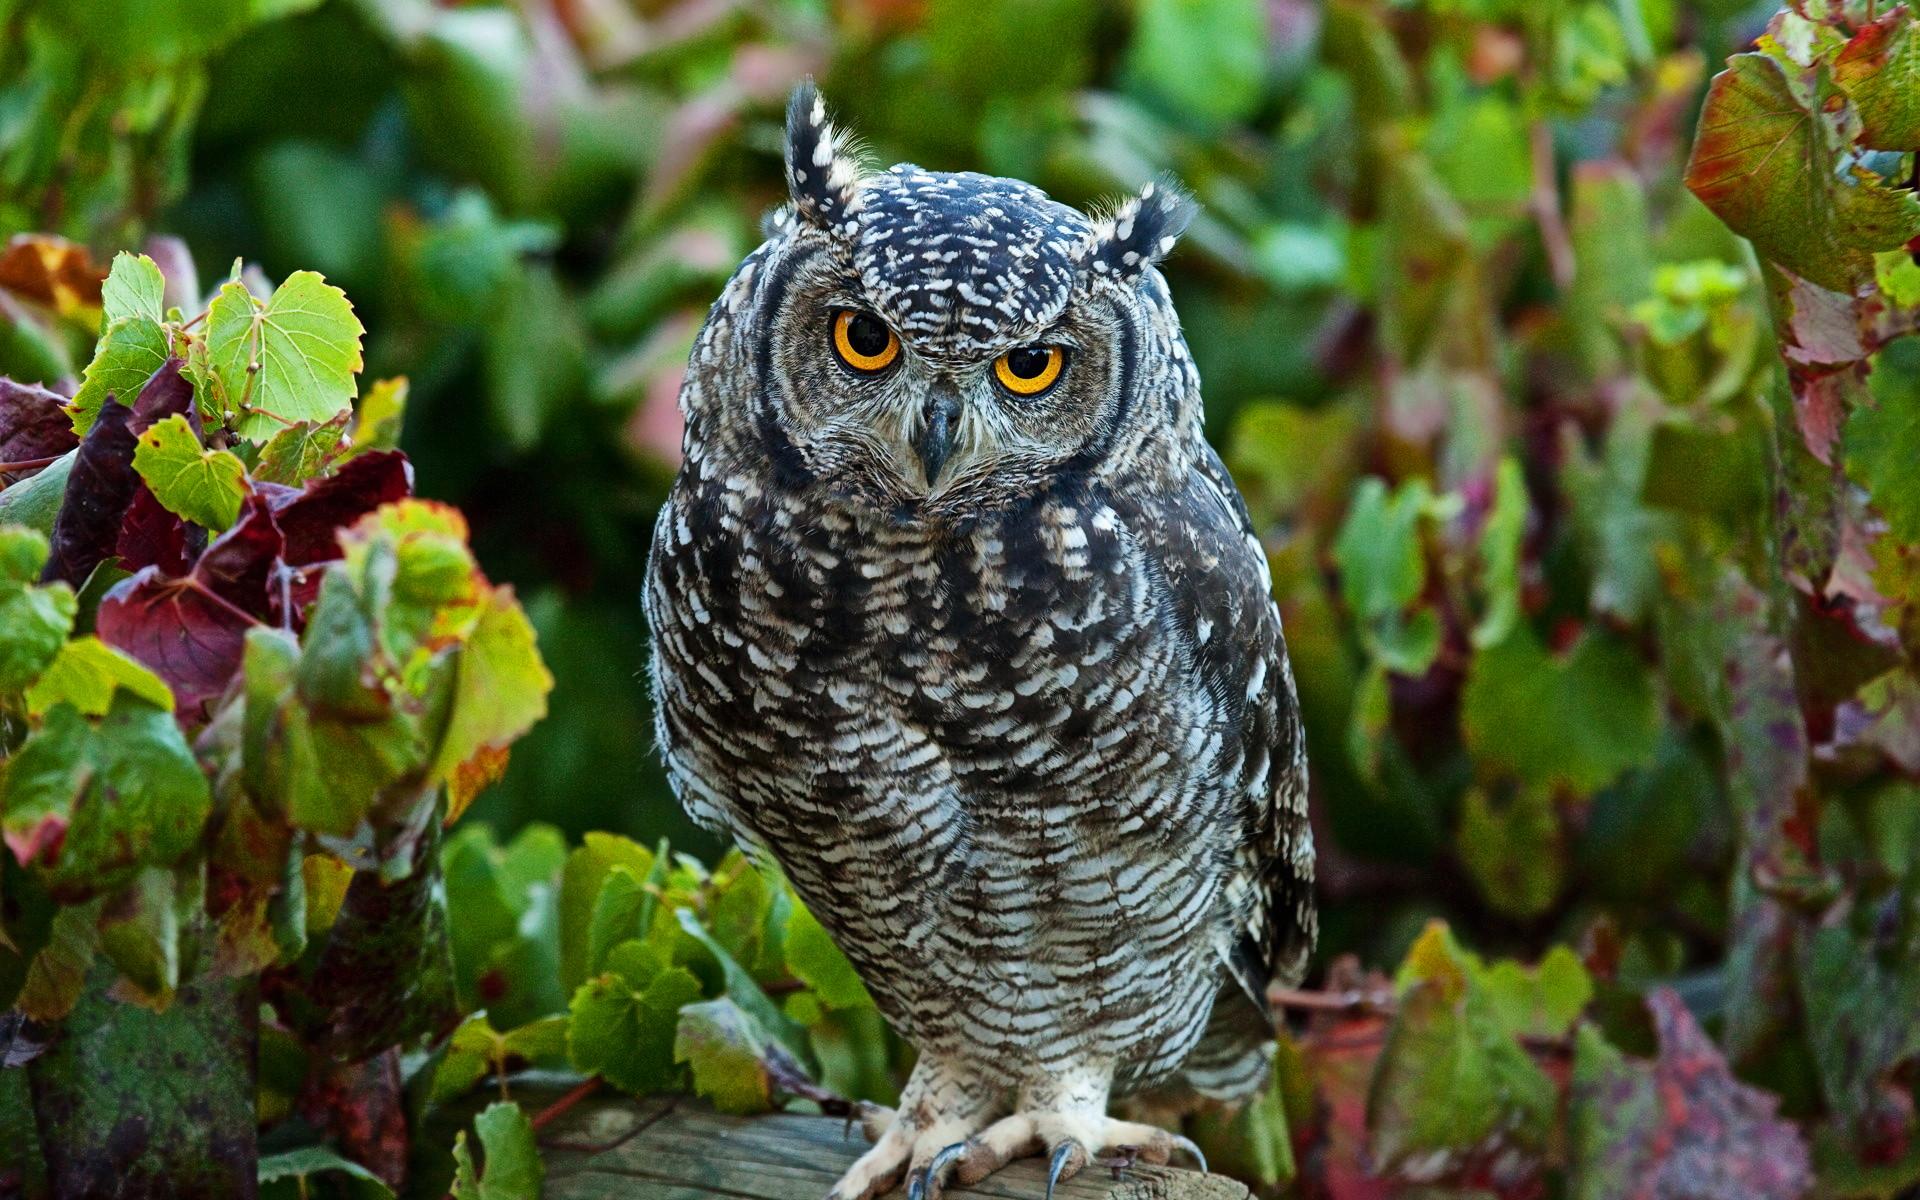 Res: 1920x1200, Cute Owl Wallpaper 15772